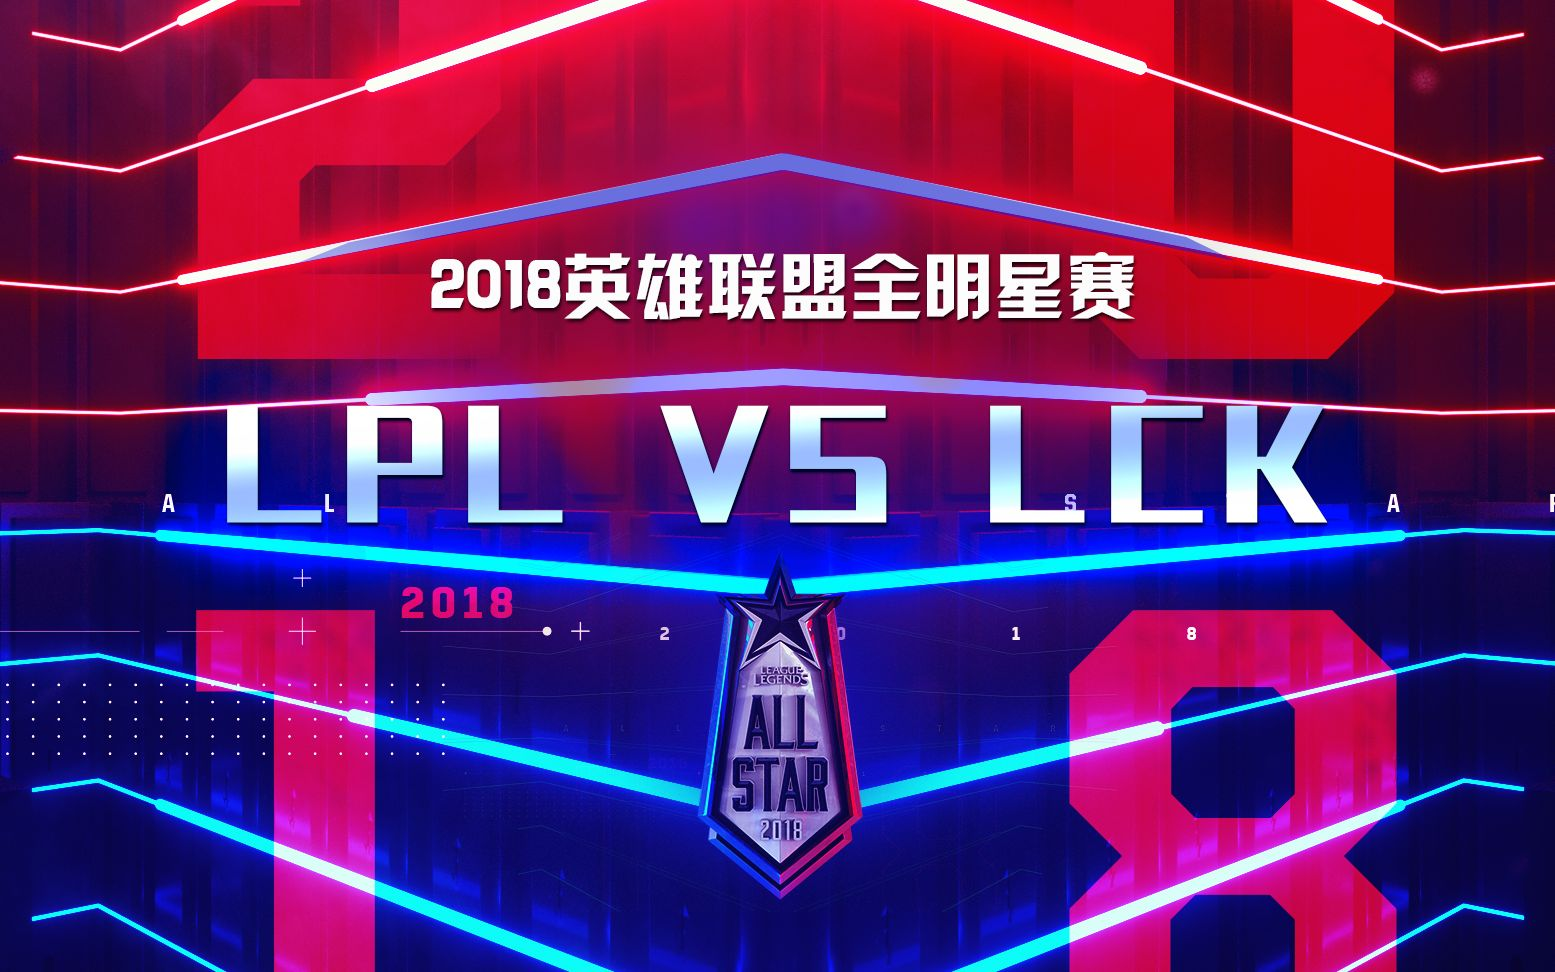 [2018英雄联盟全明星赛] 12月9日 赛区对抗赛 LPL vs LCK